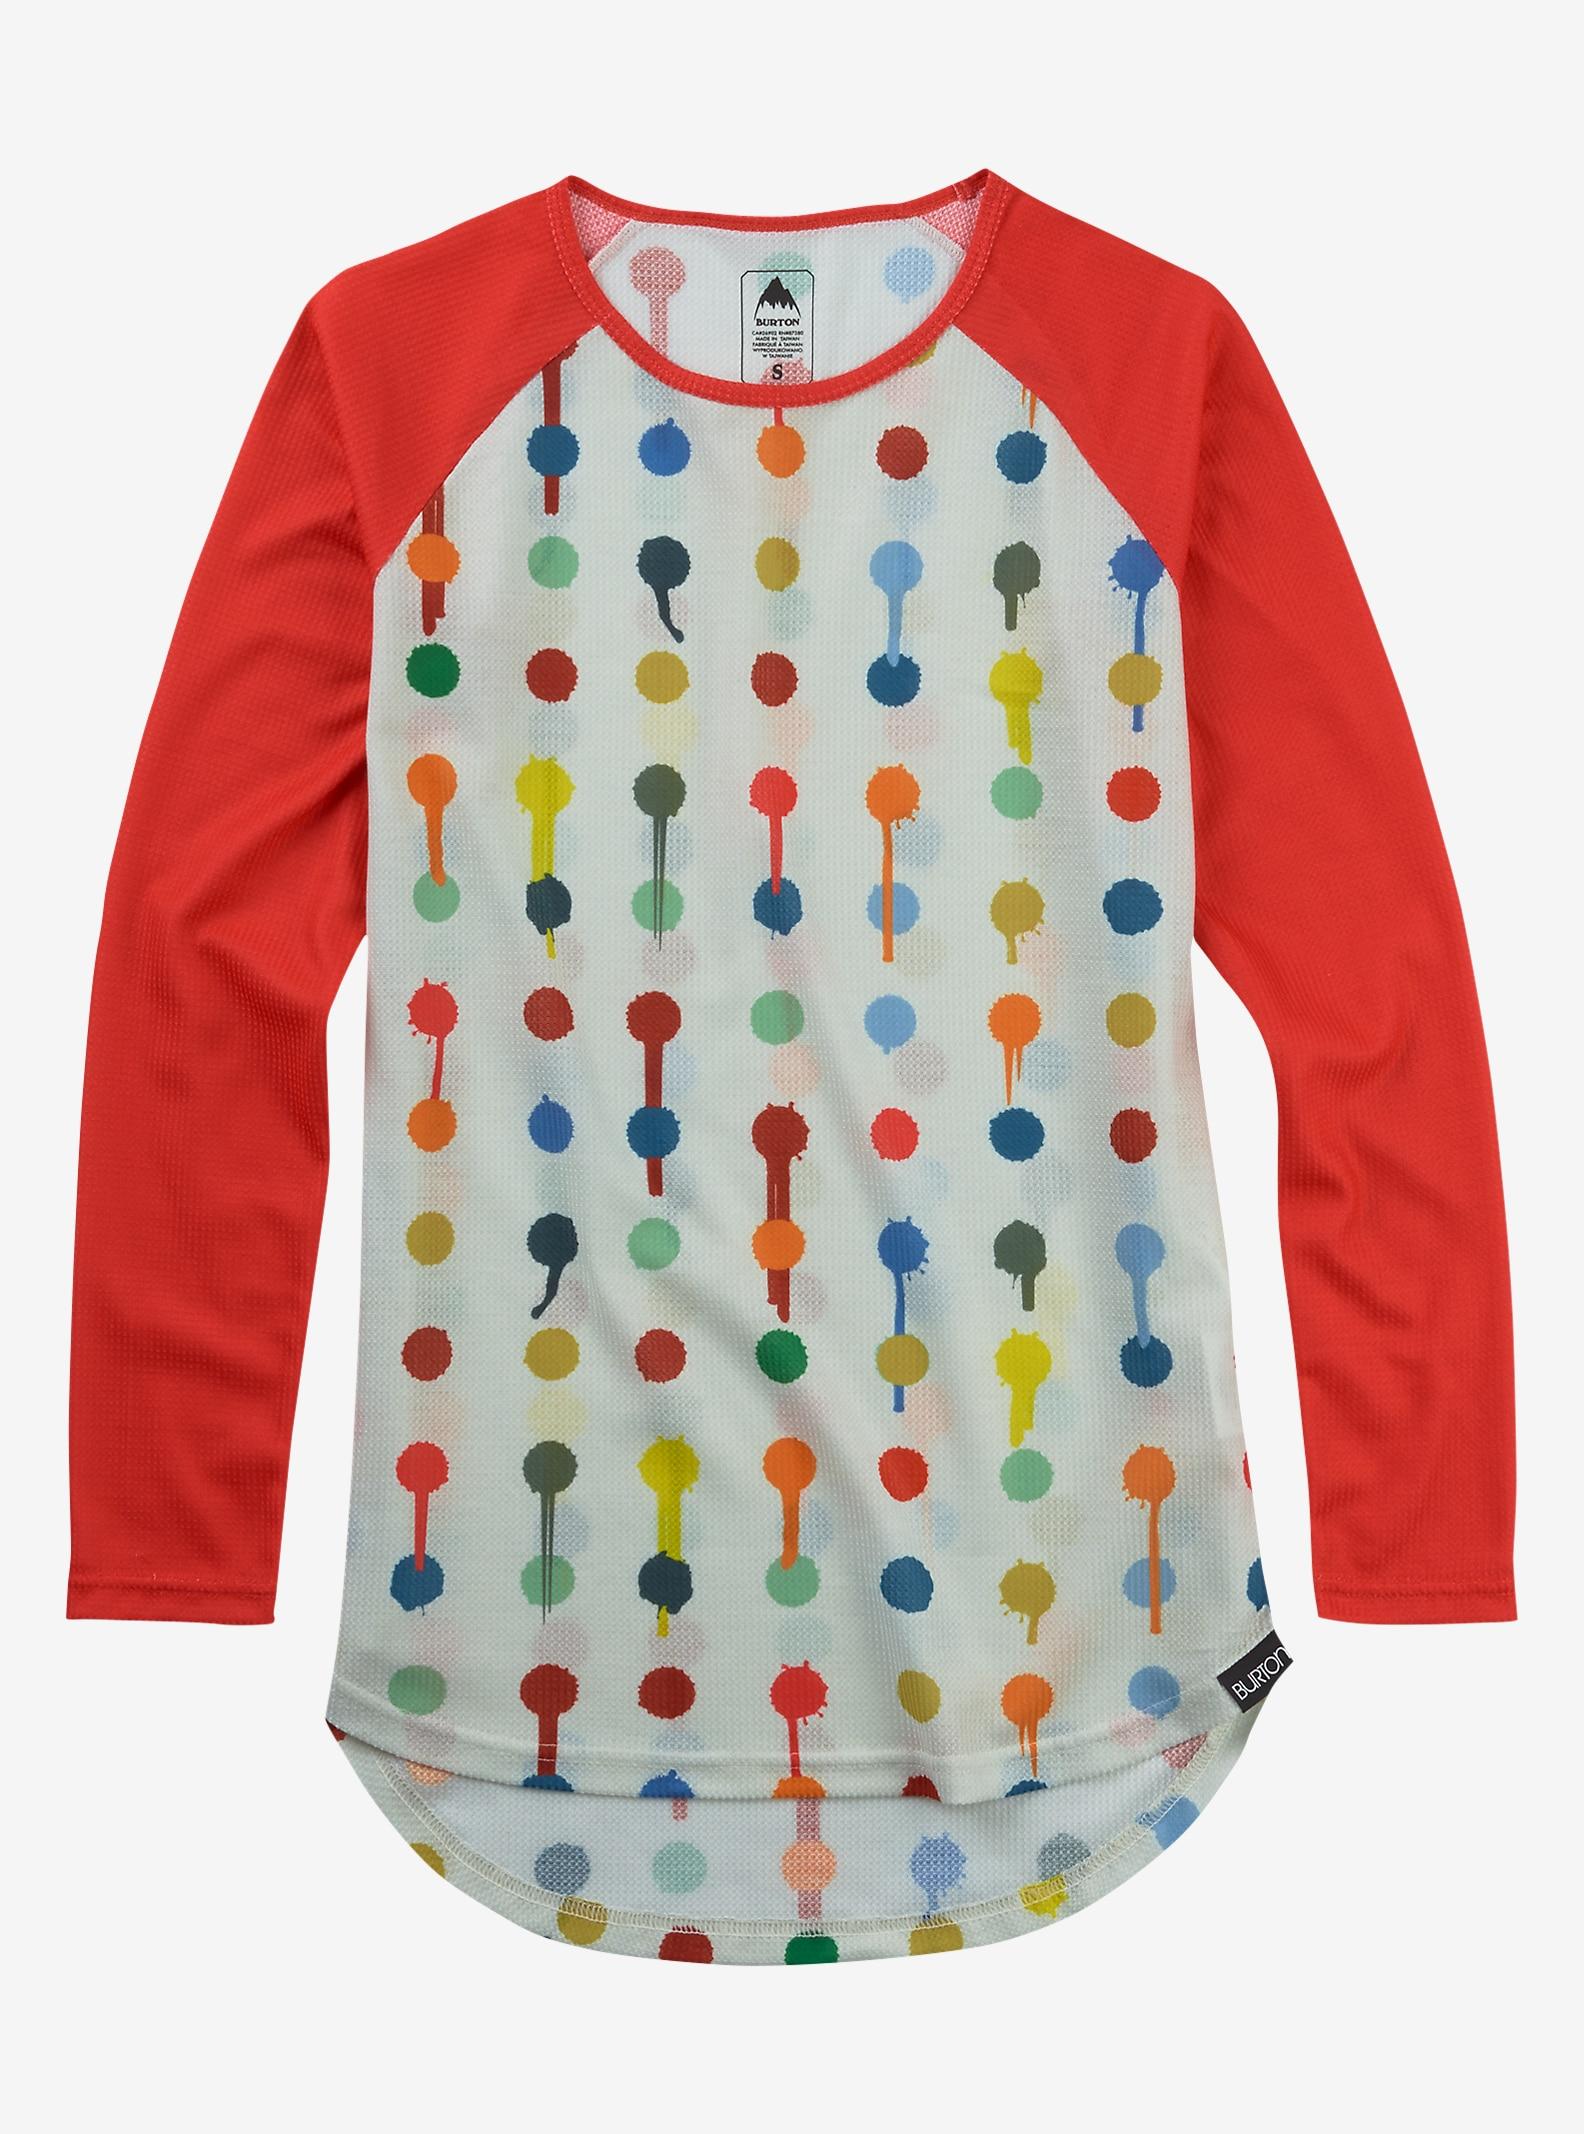 L.A.M.B. x Burton - T-shirt gaufré Jagger affichage en Dots